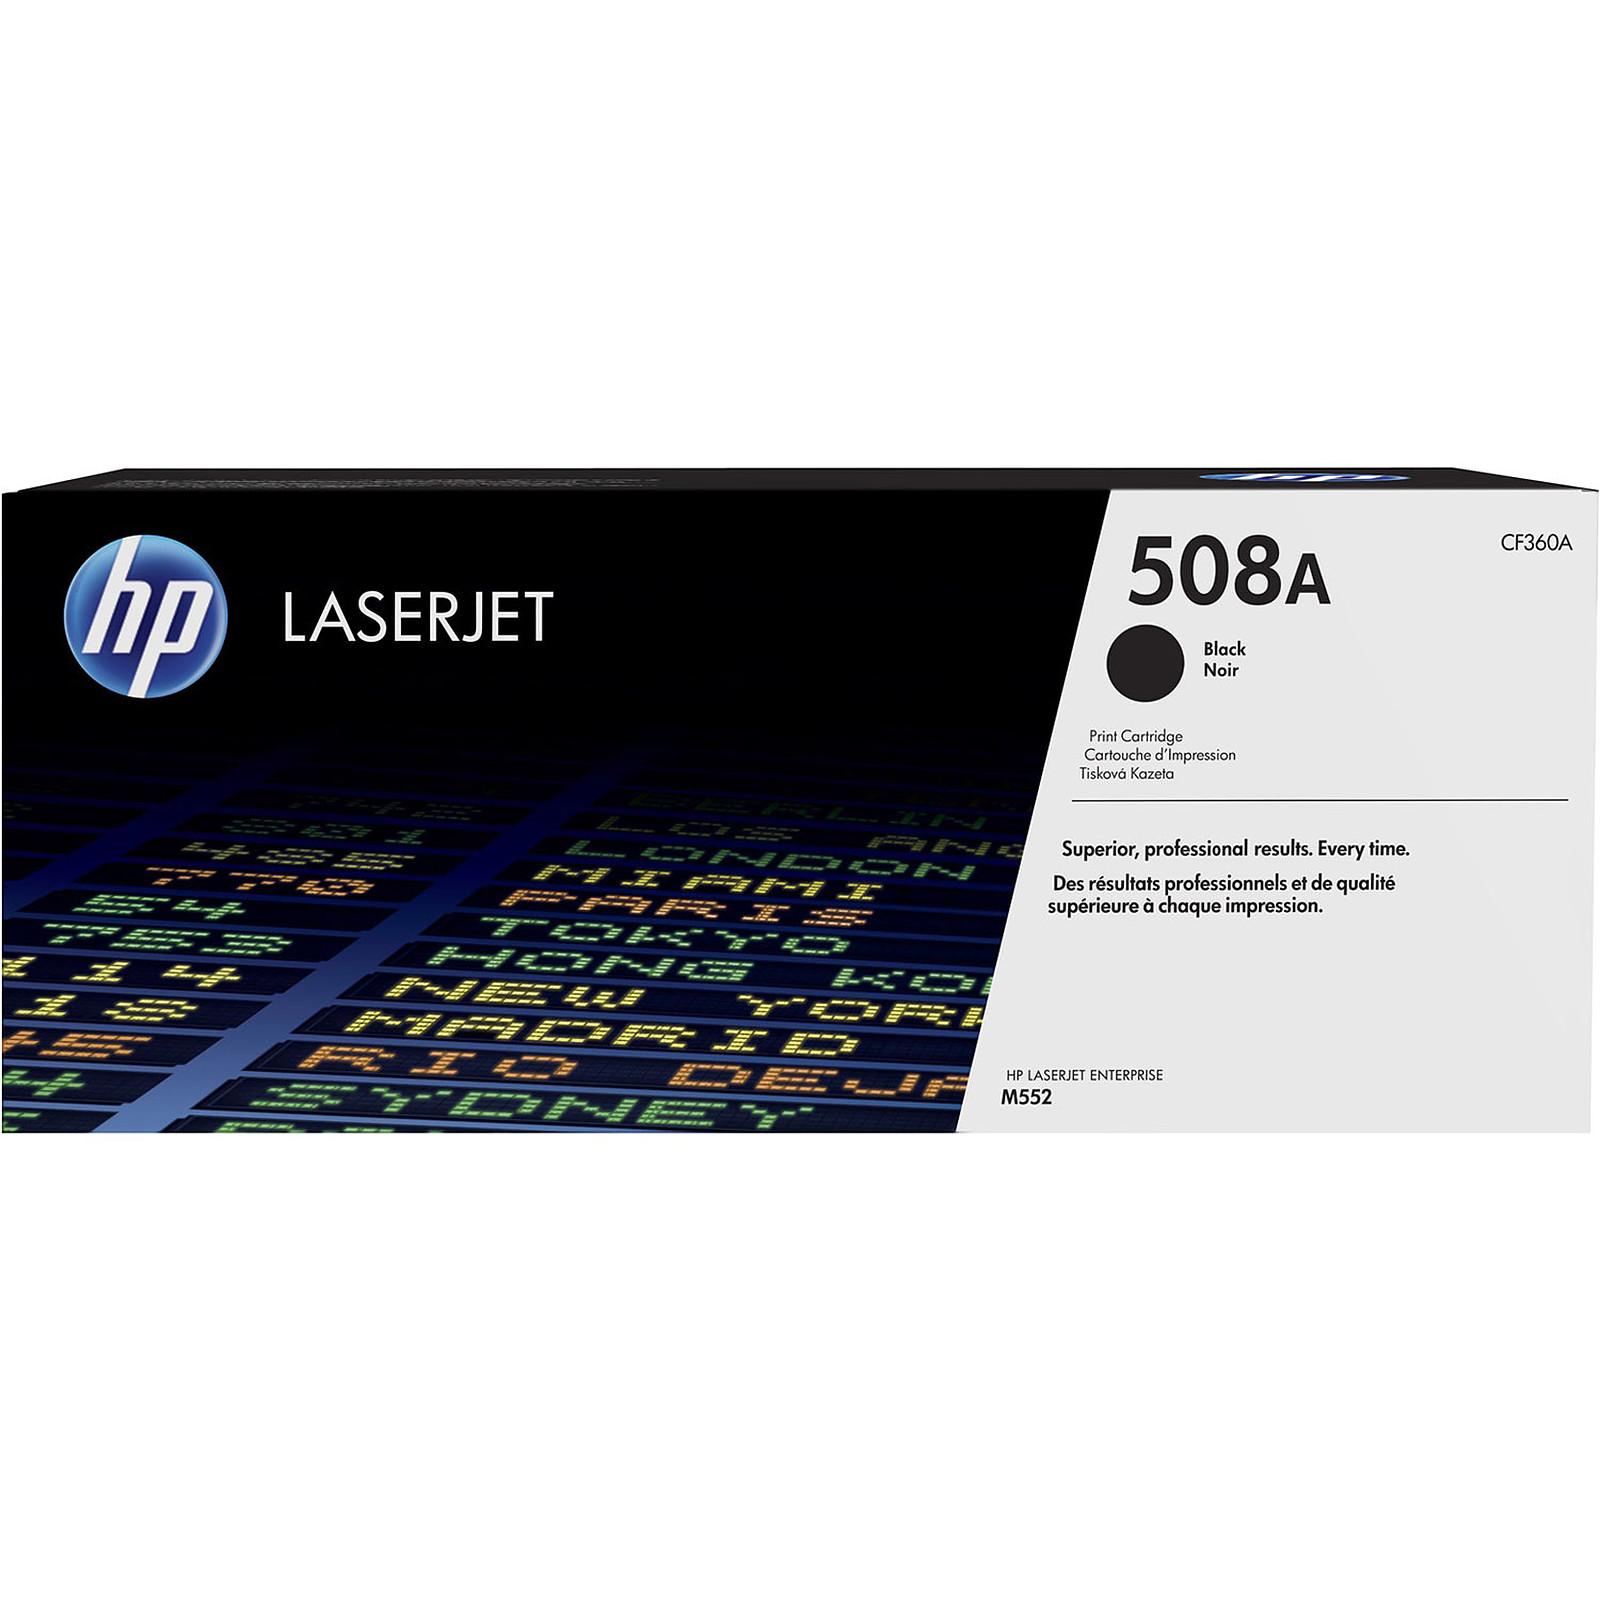 HP LaserJet 508A (CF360A)